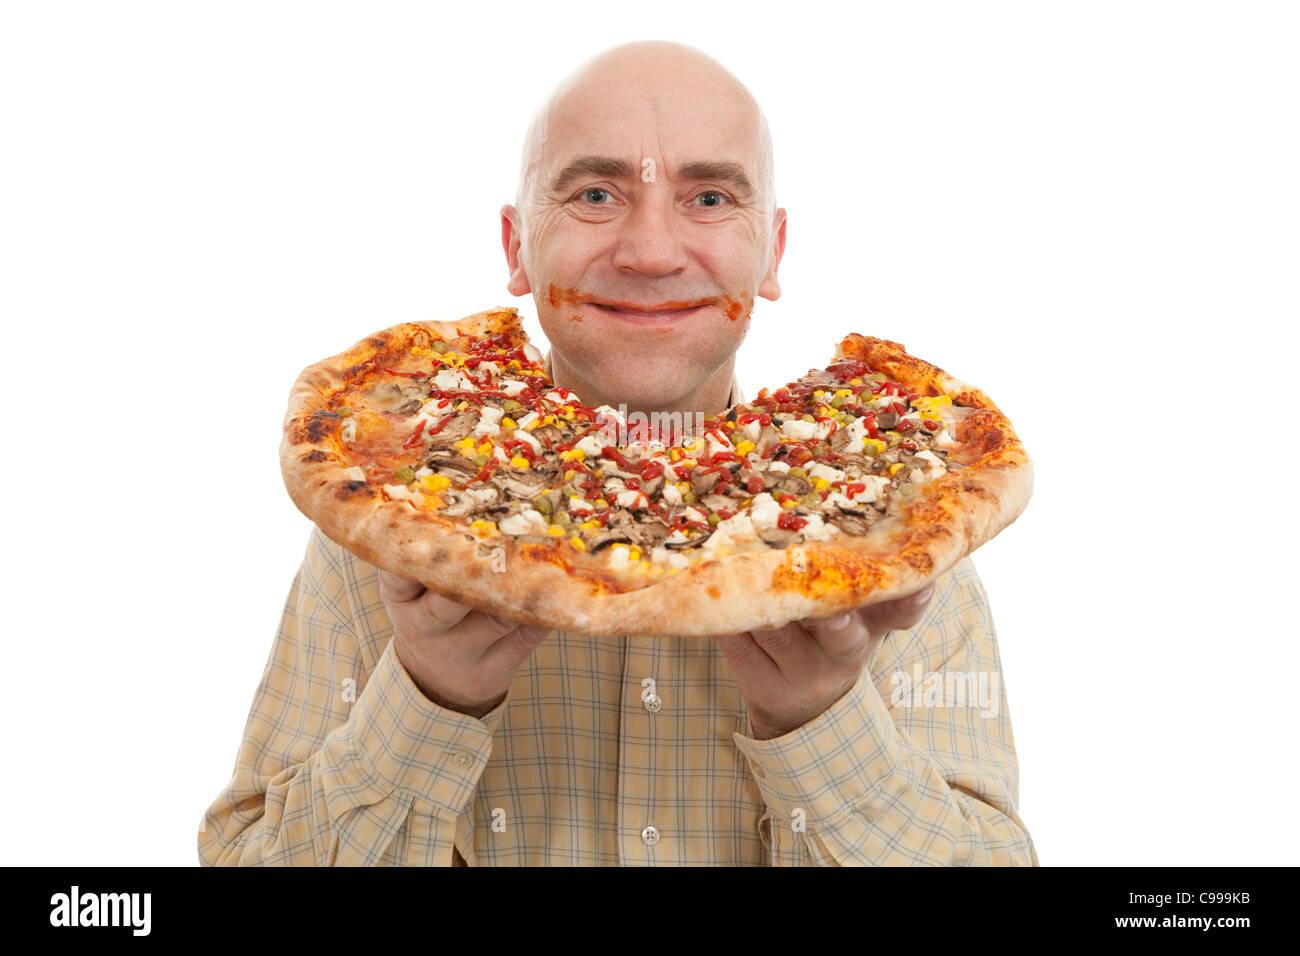 Glutton mangiare grande pizza su sfondo bianco Immagini Stock